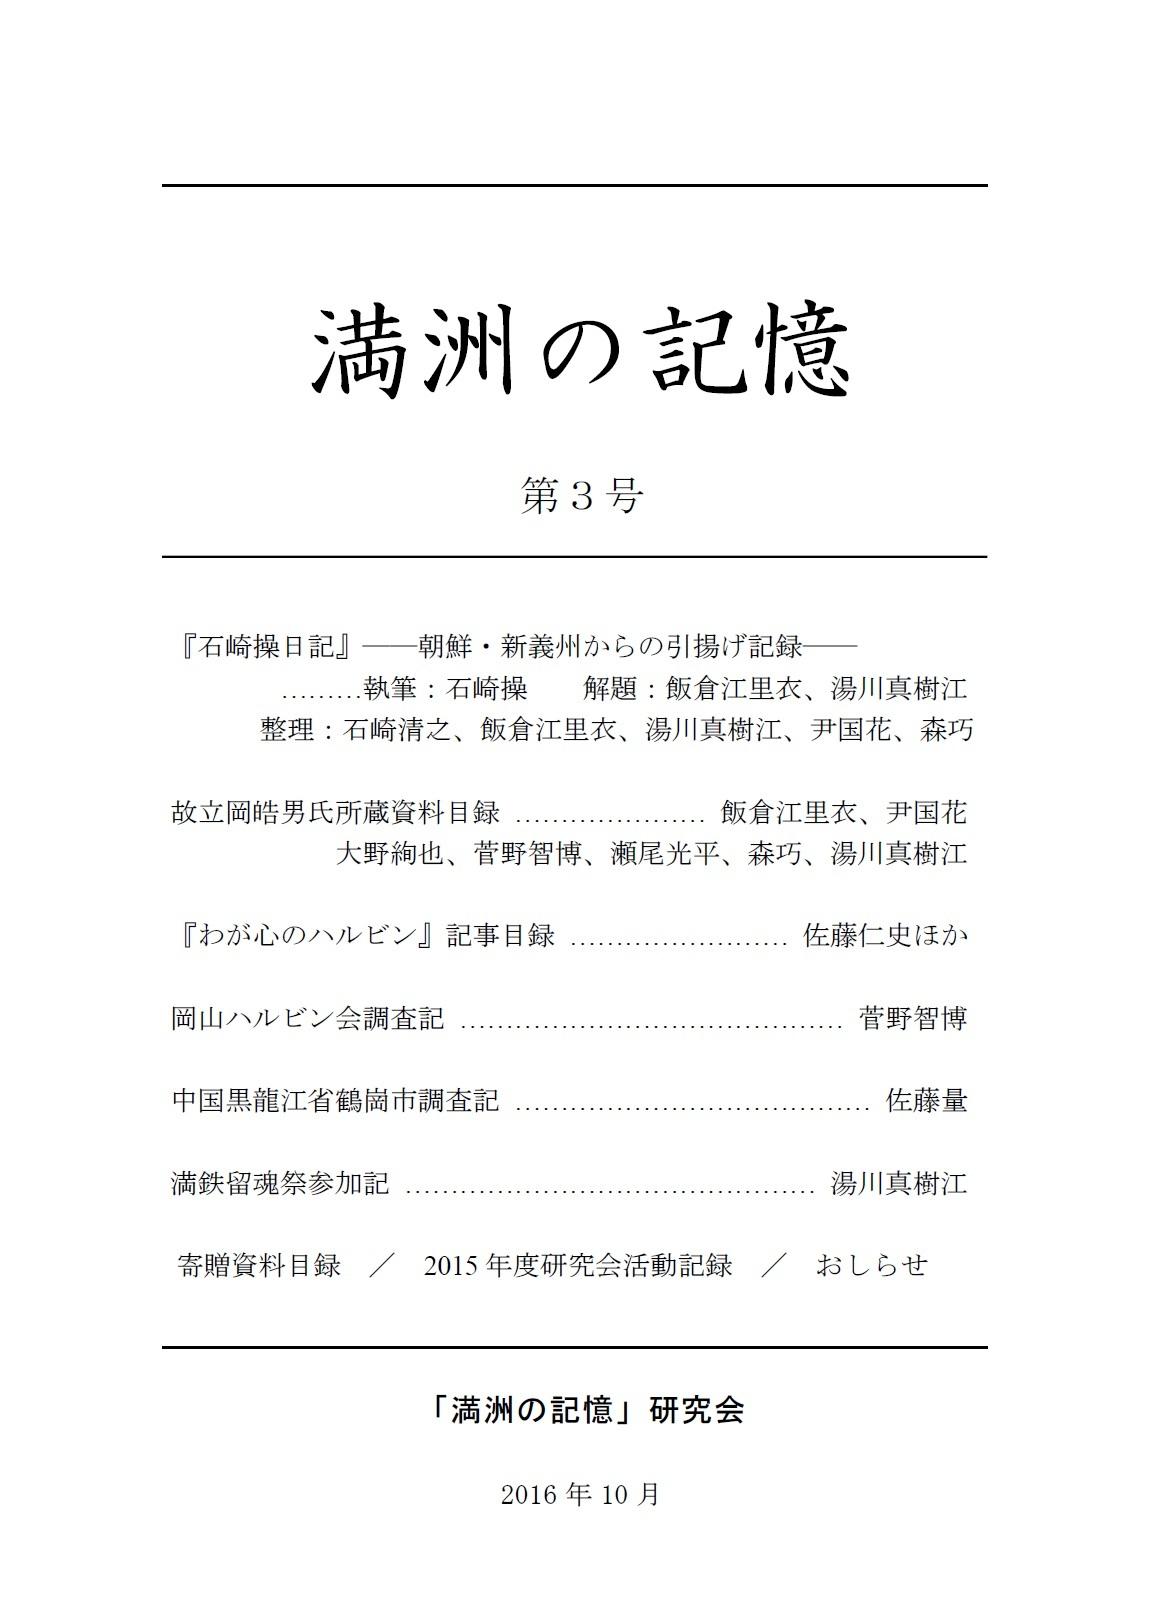 満洲の記憶 表紙